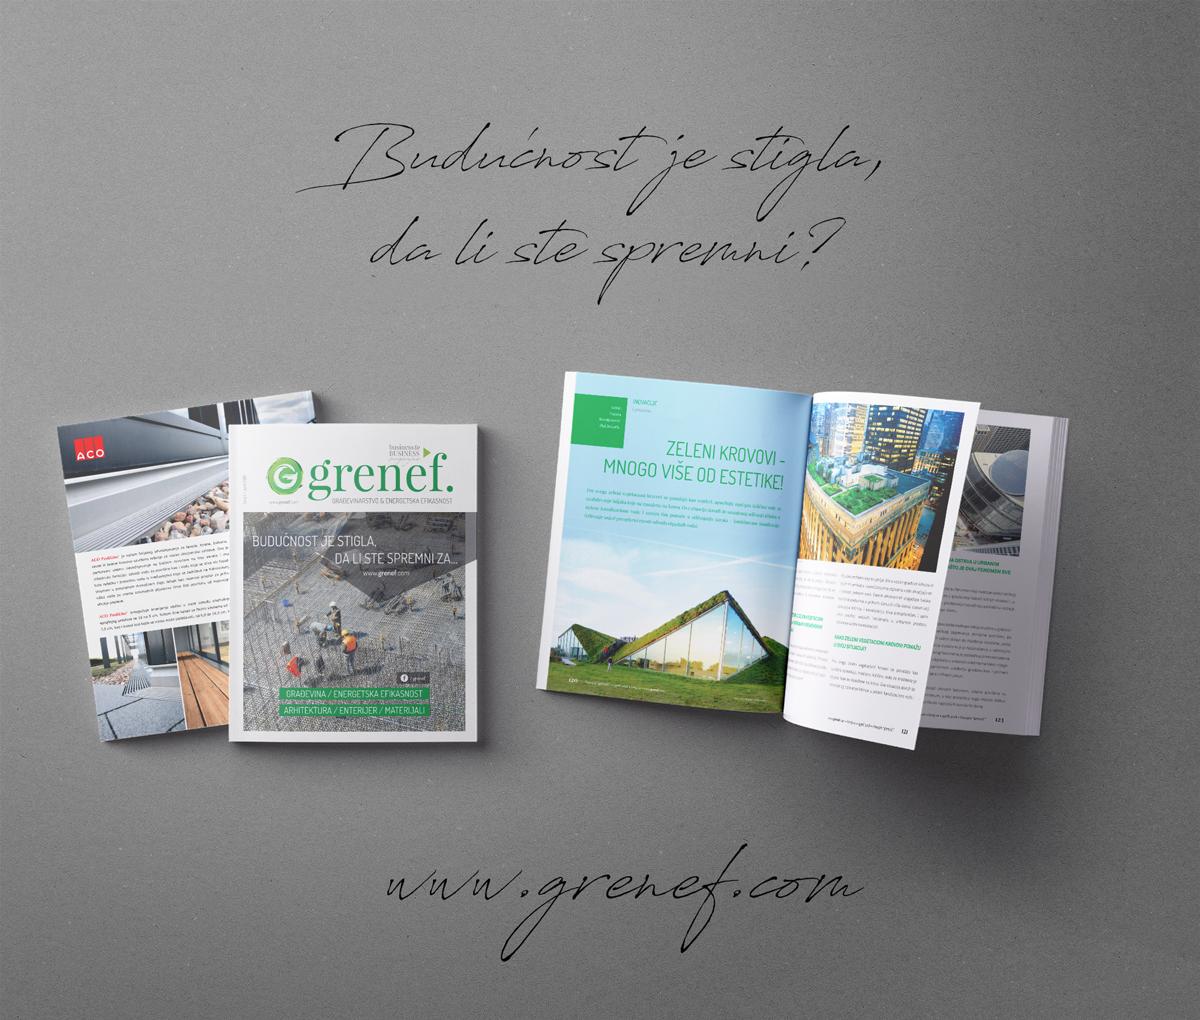 Grenef-Građevinarstvo & Energetska Efikasnost, izdanje broj 1, april 2018